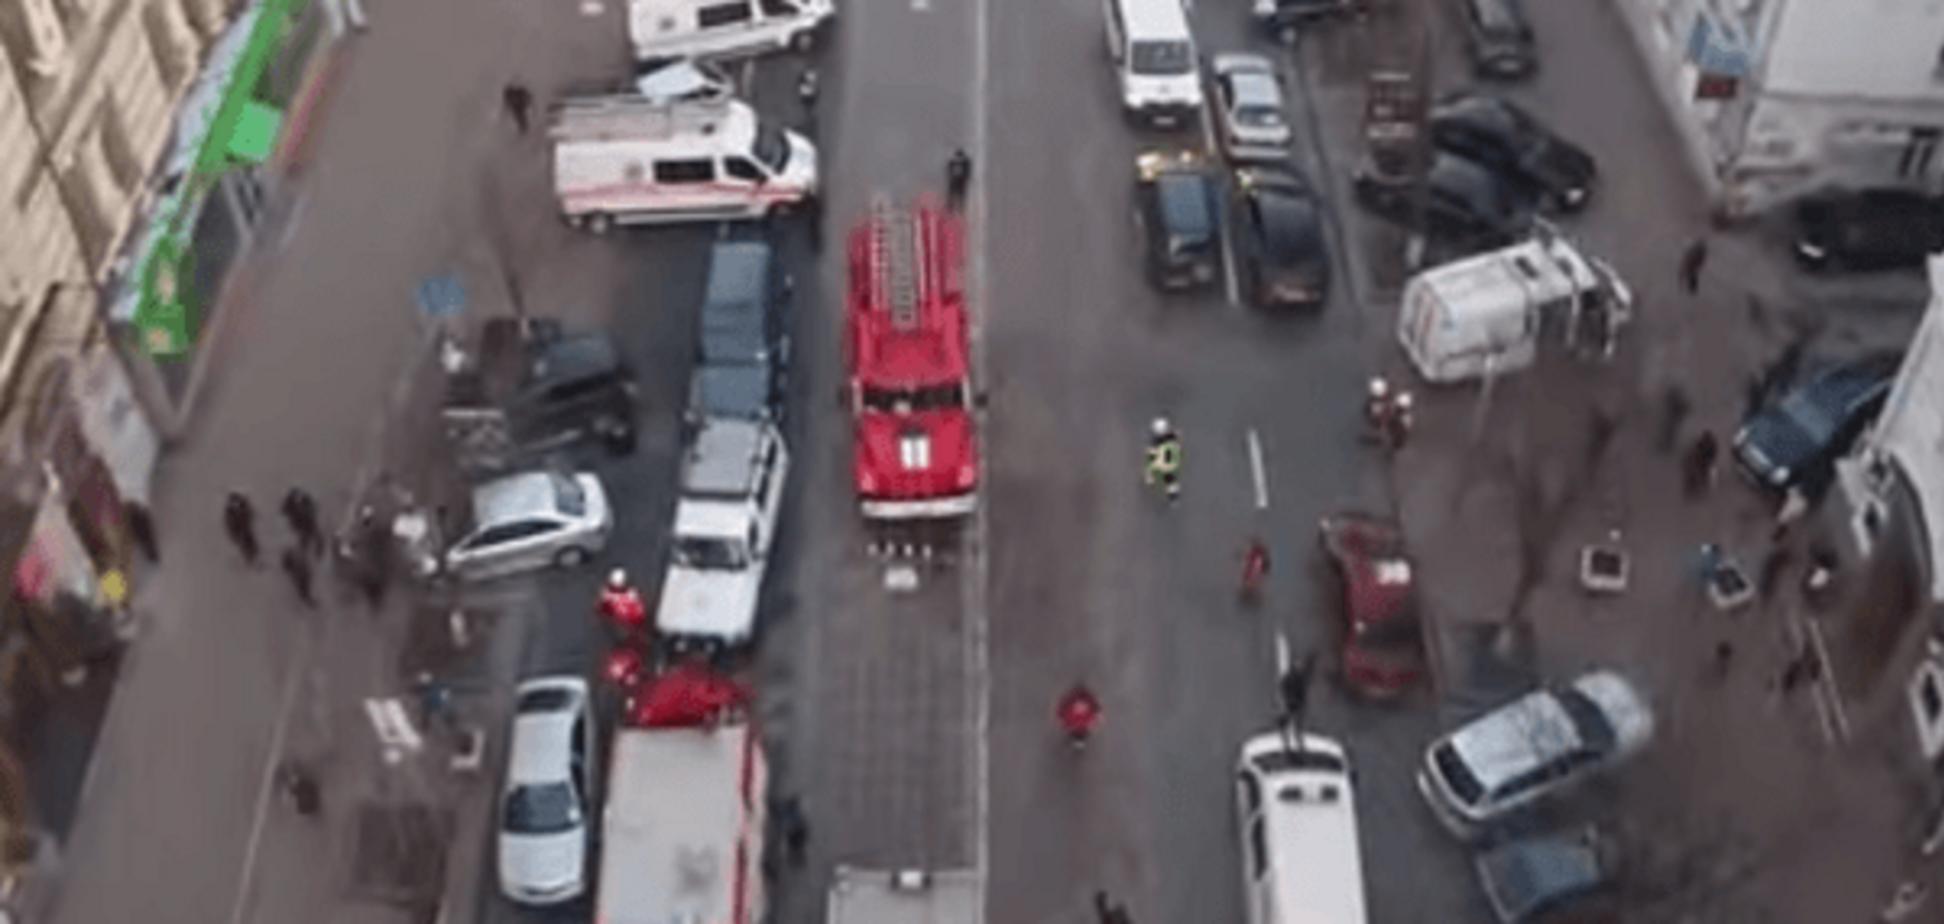 ЧП в Киеве: работу спасателей над завалами показали с высоты птичьего полета. Видеофакт